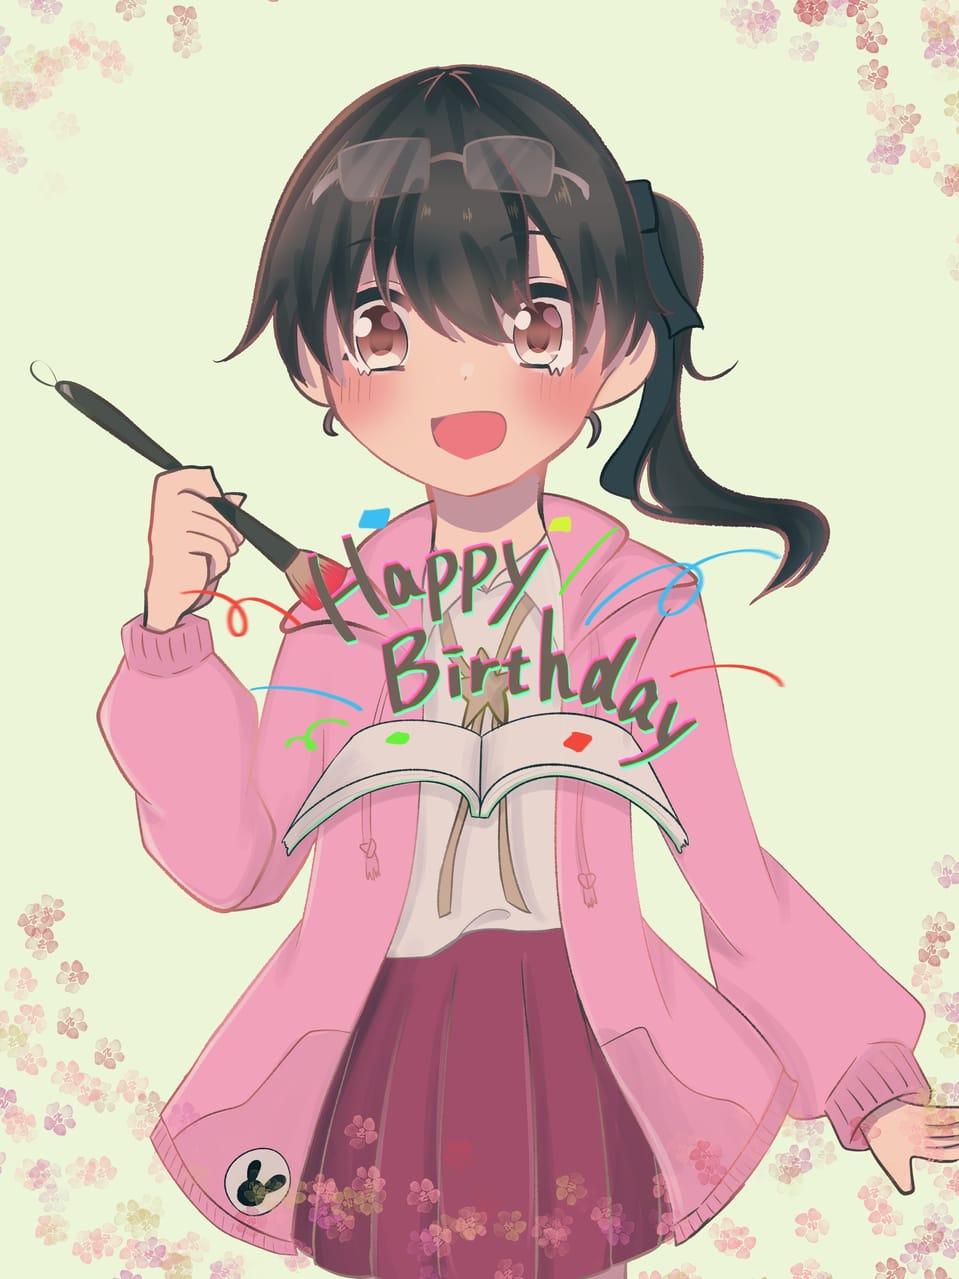 おめでとう🎉✨😆✨🎊 Illust of けいみり hoodie girl birthday medibangpaint pink えみるりあ kawaii